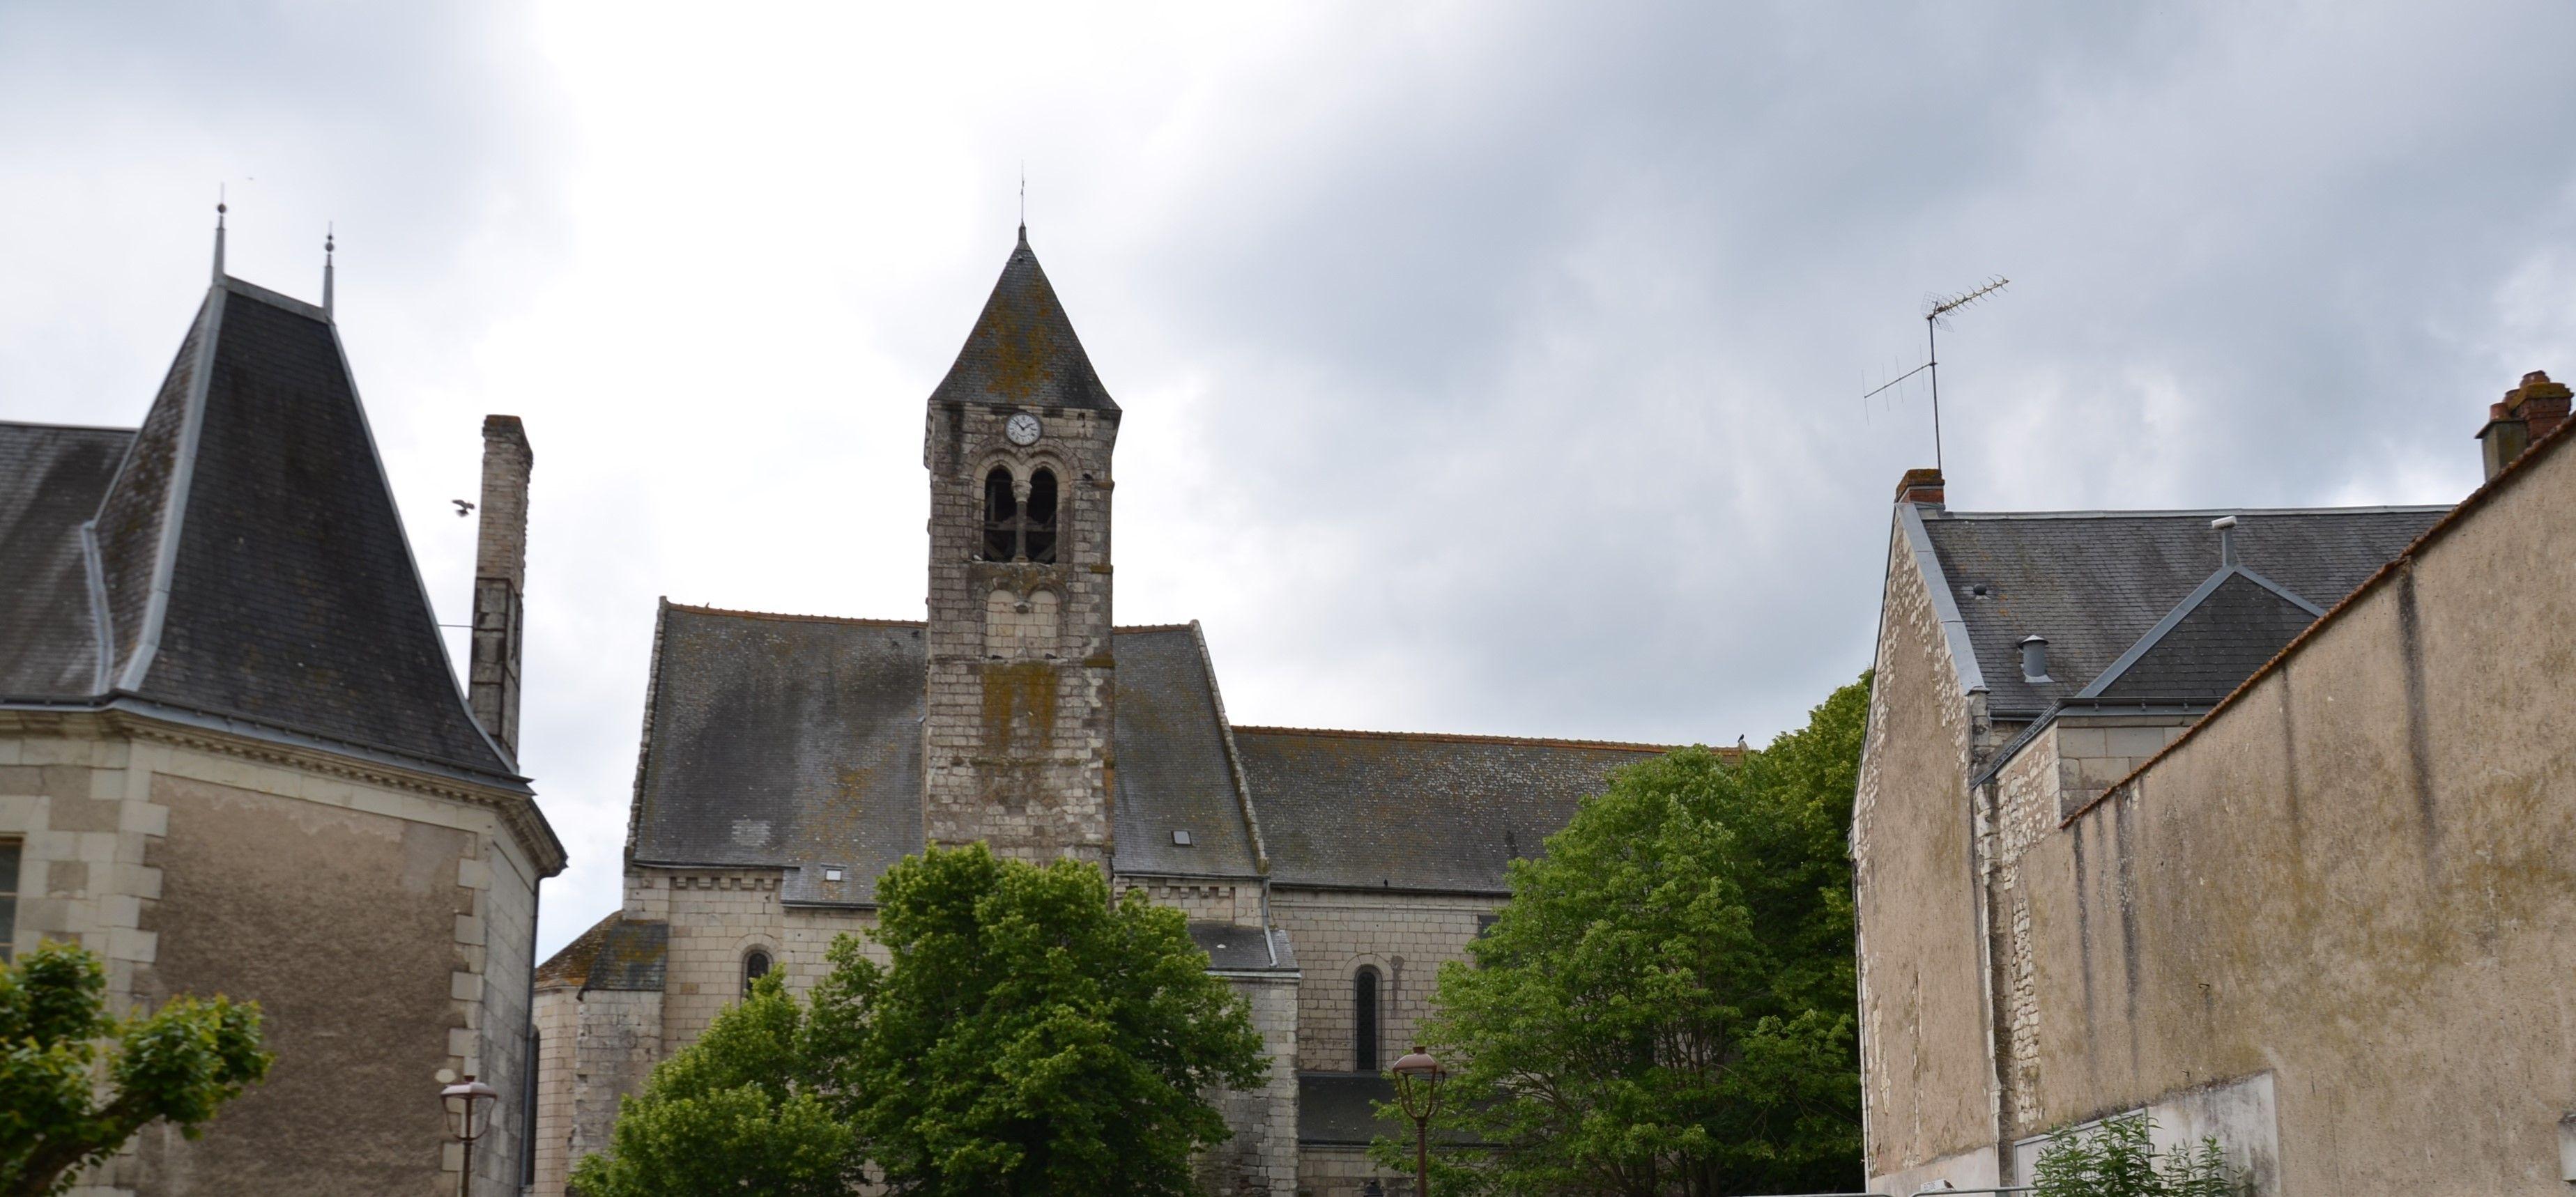 Eglise Notre-Dame de Sepmes